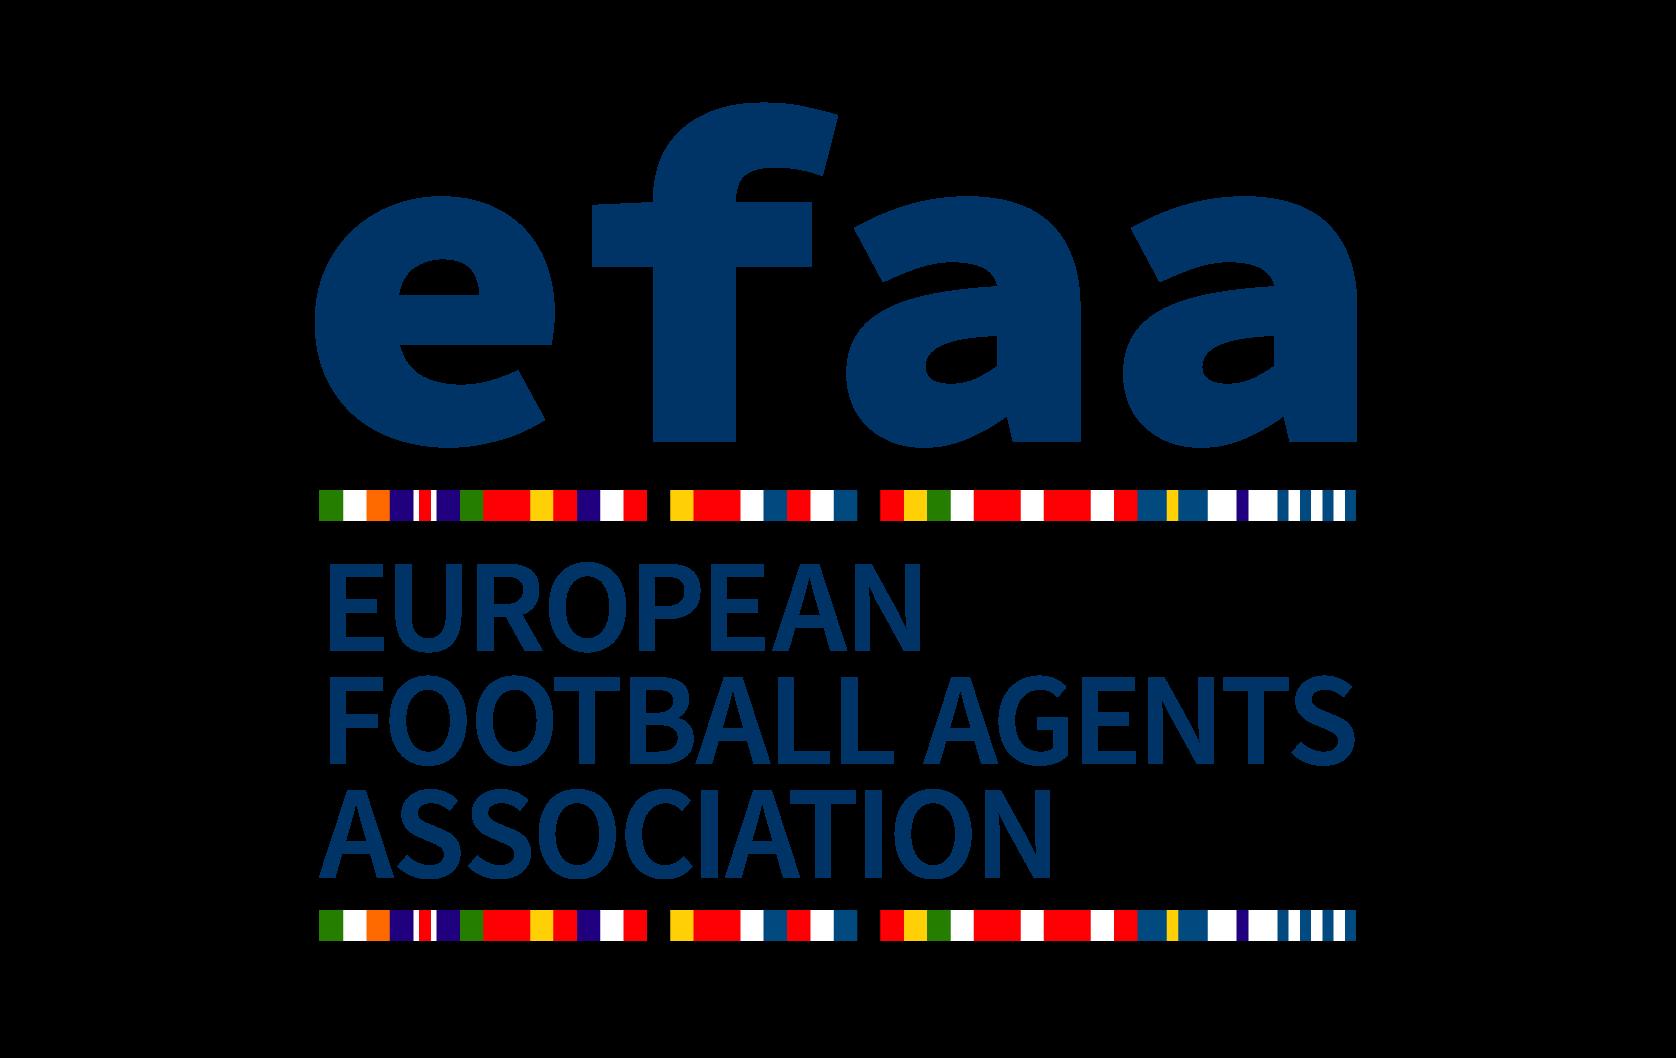 efaa_logo-with-descriptor